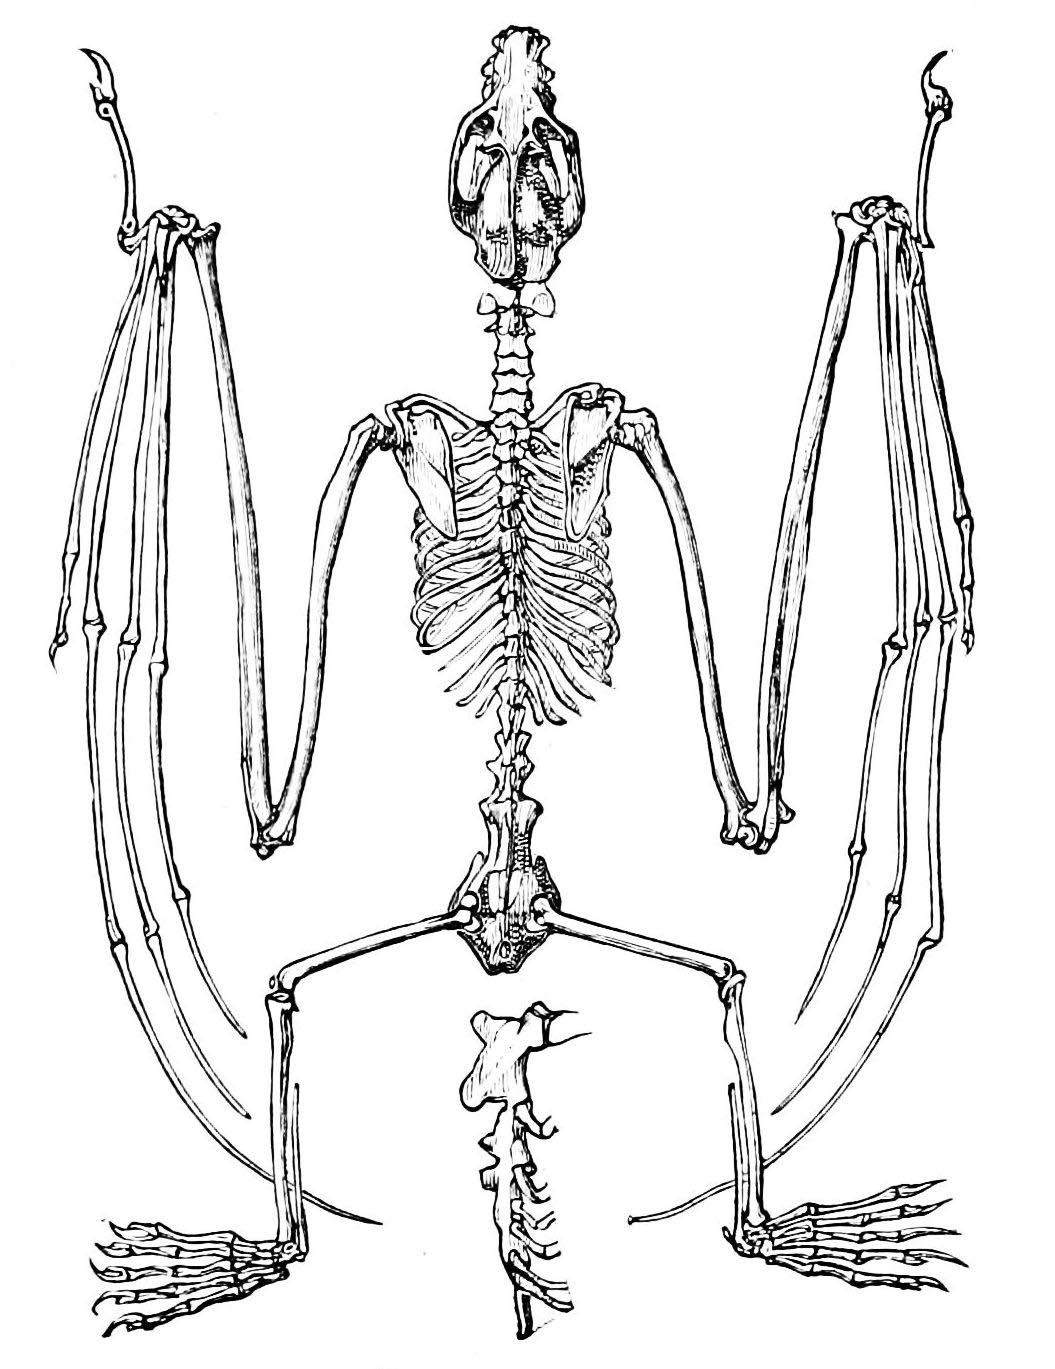 1055x1369 Vintage Ephemera Illustration, Skeleton Of A Flying Fox(Bat), 1876